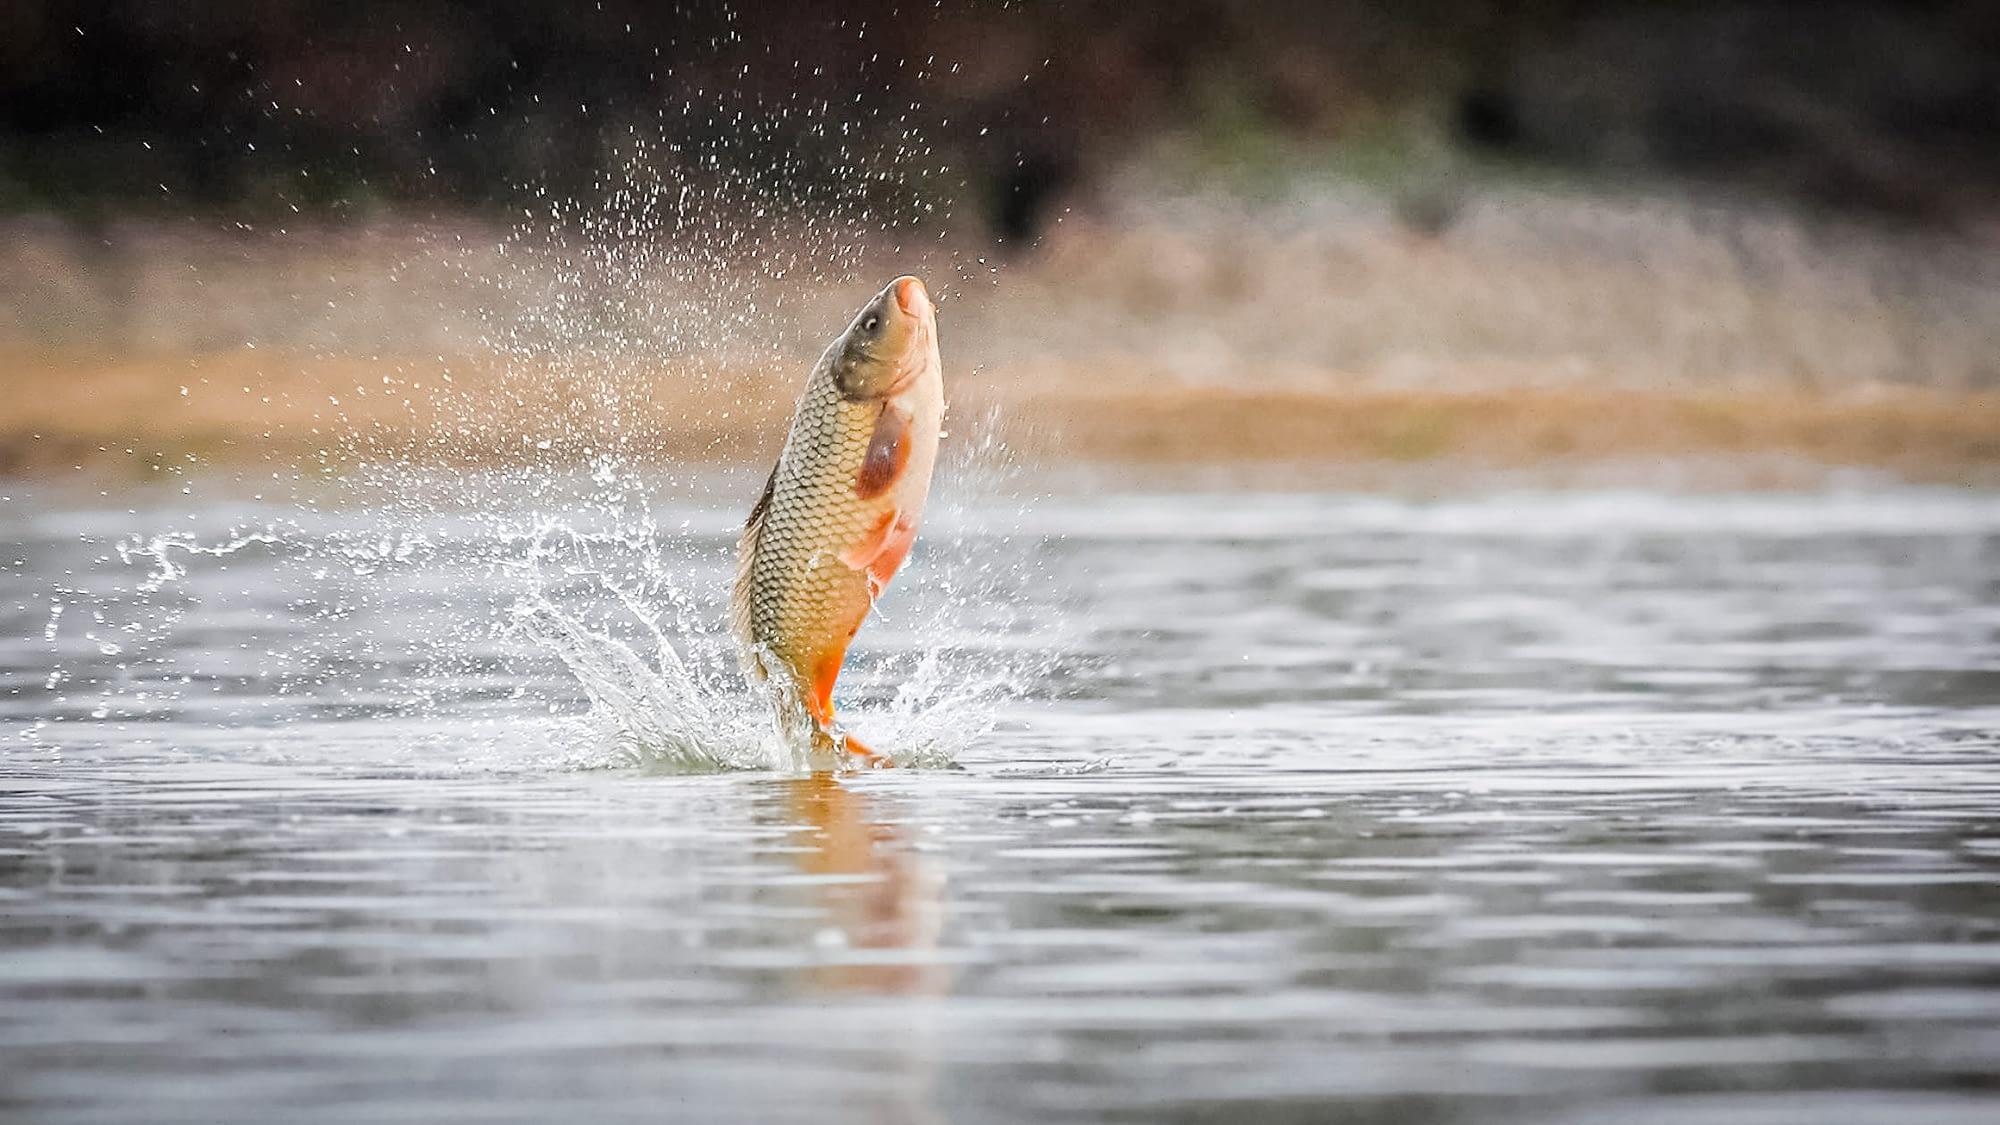 Why do carp jump